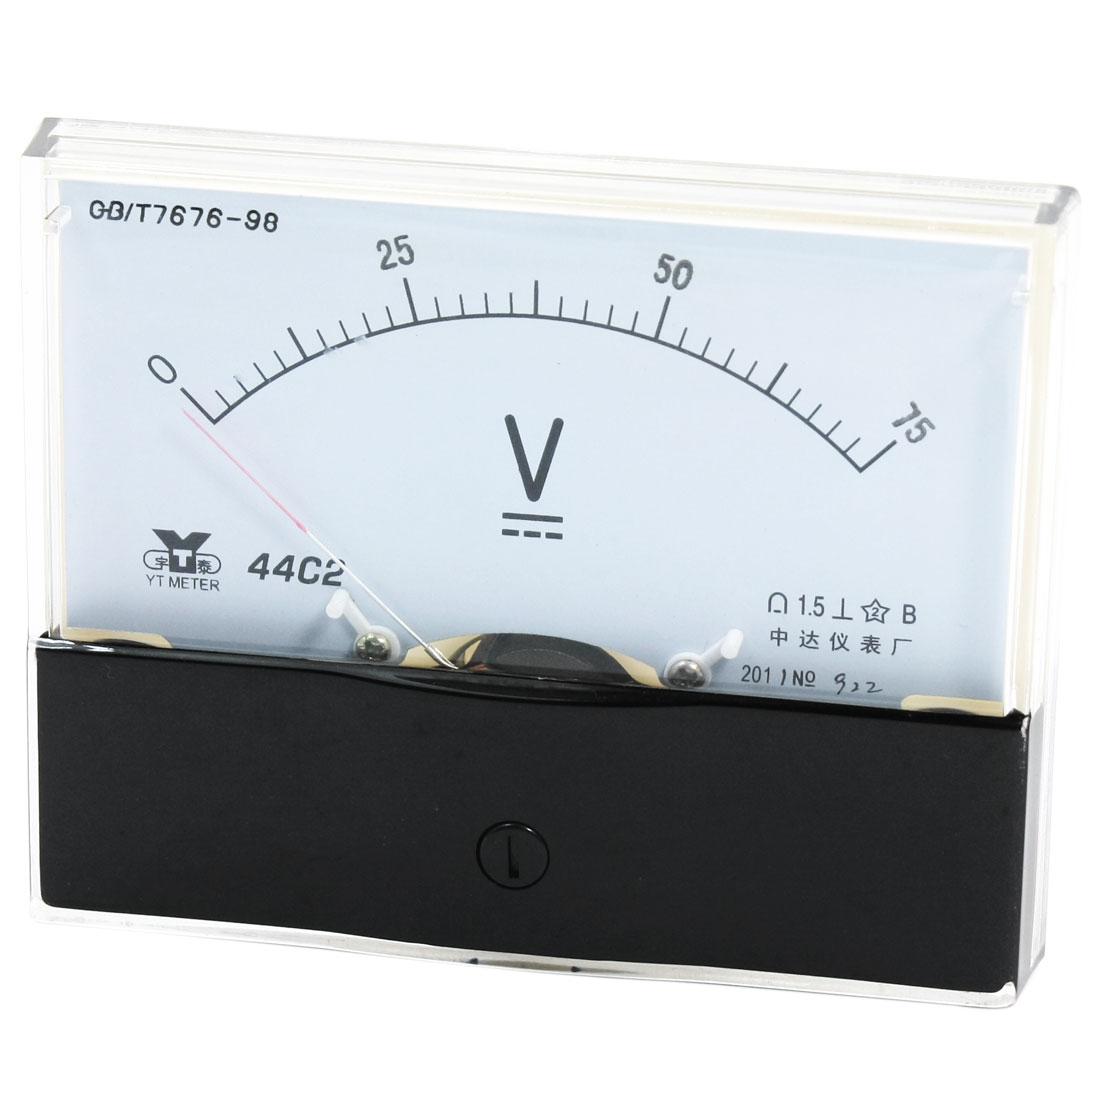 Rectangle Measurement Tool Analog Panel Voltmeter Volt Meter DC 0 - 75V Measuring Range 44C2